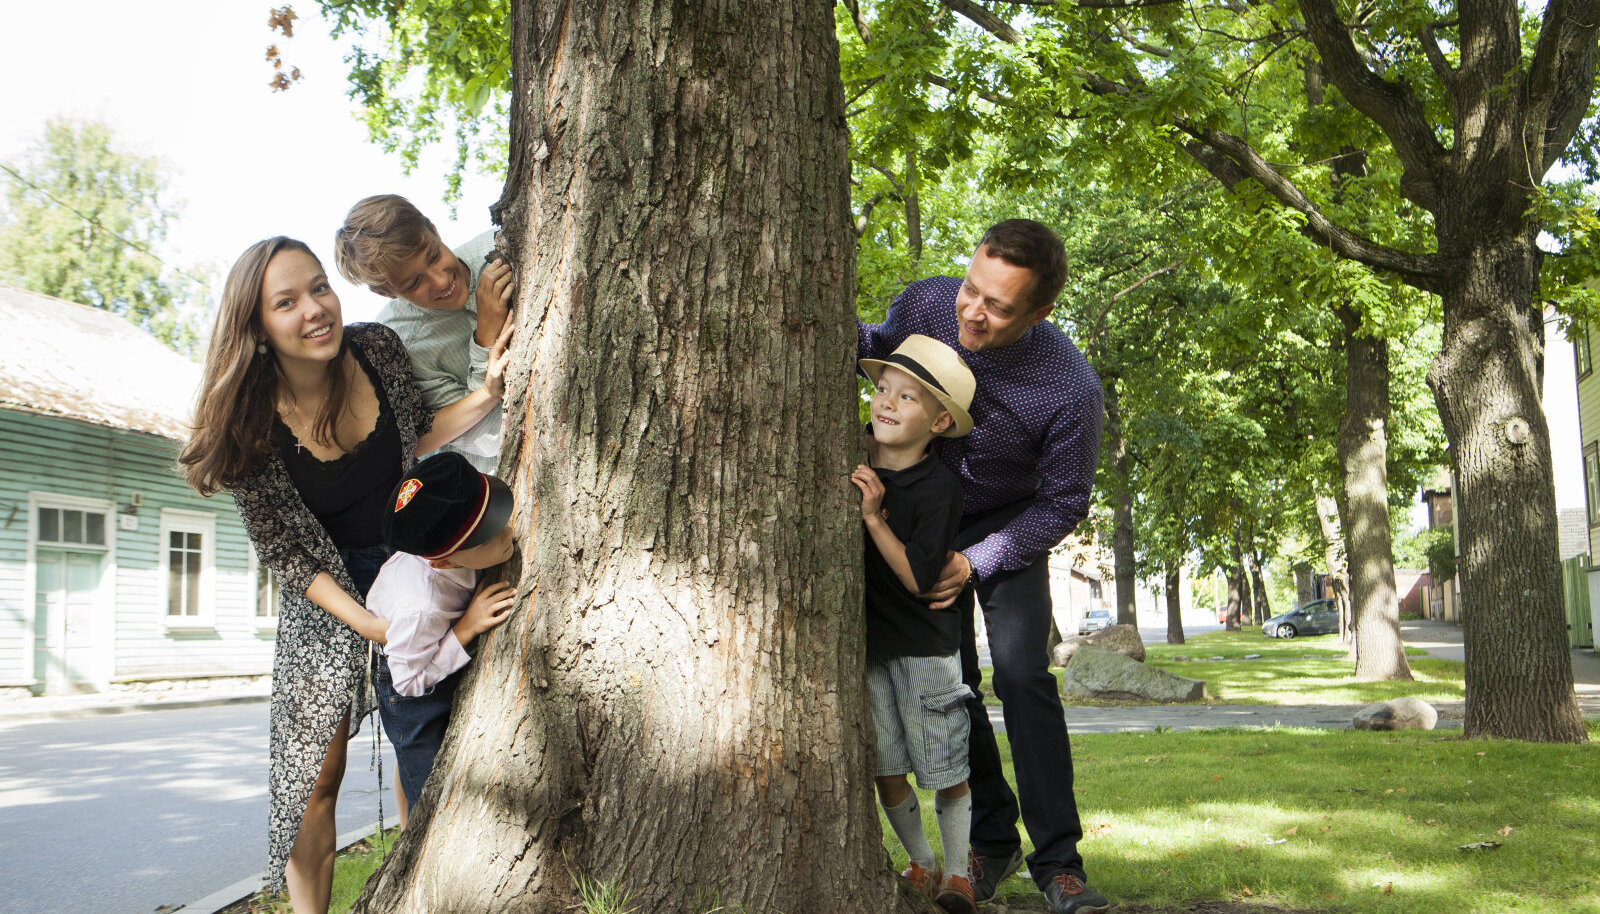 Indrekul on vedanud – kui laps on mehe isa, siis temal on isasid suisa neli.